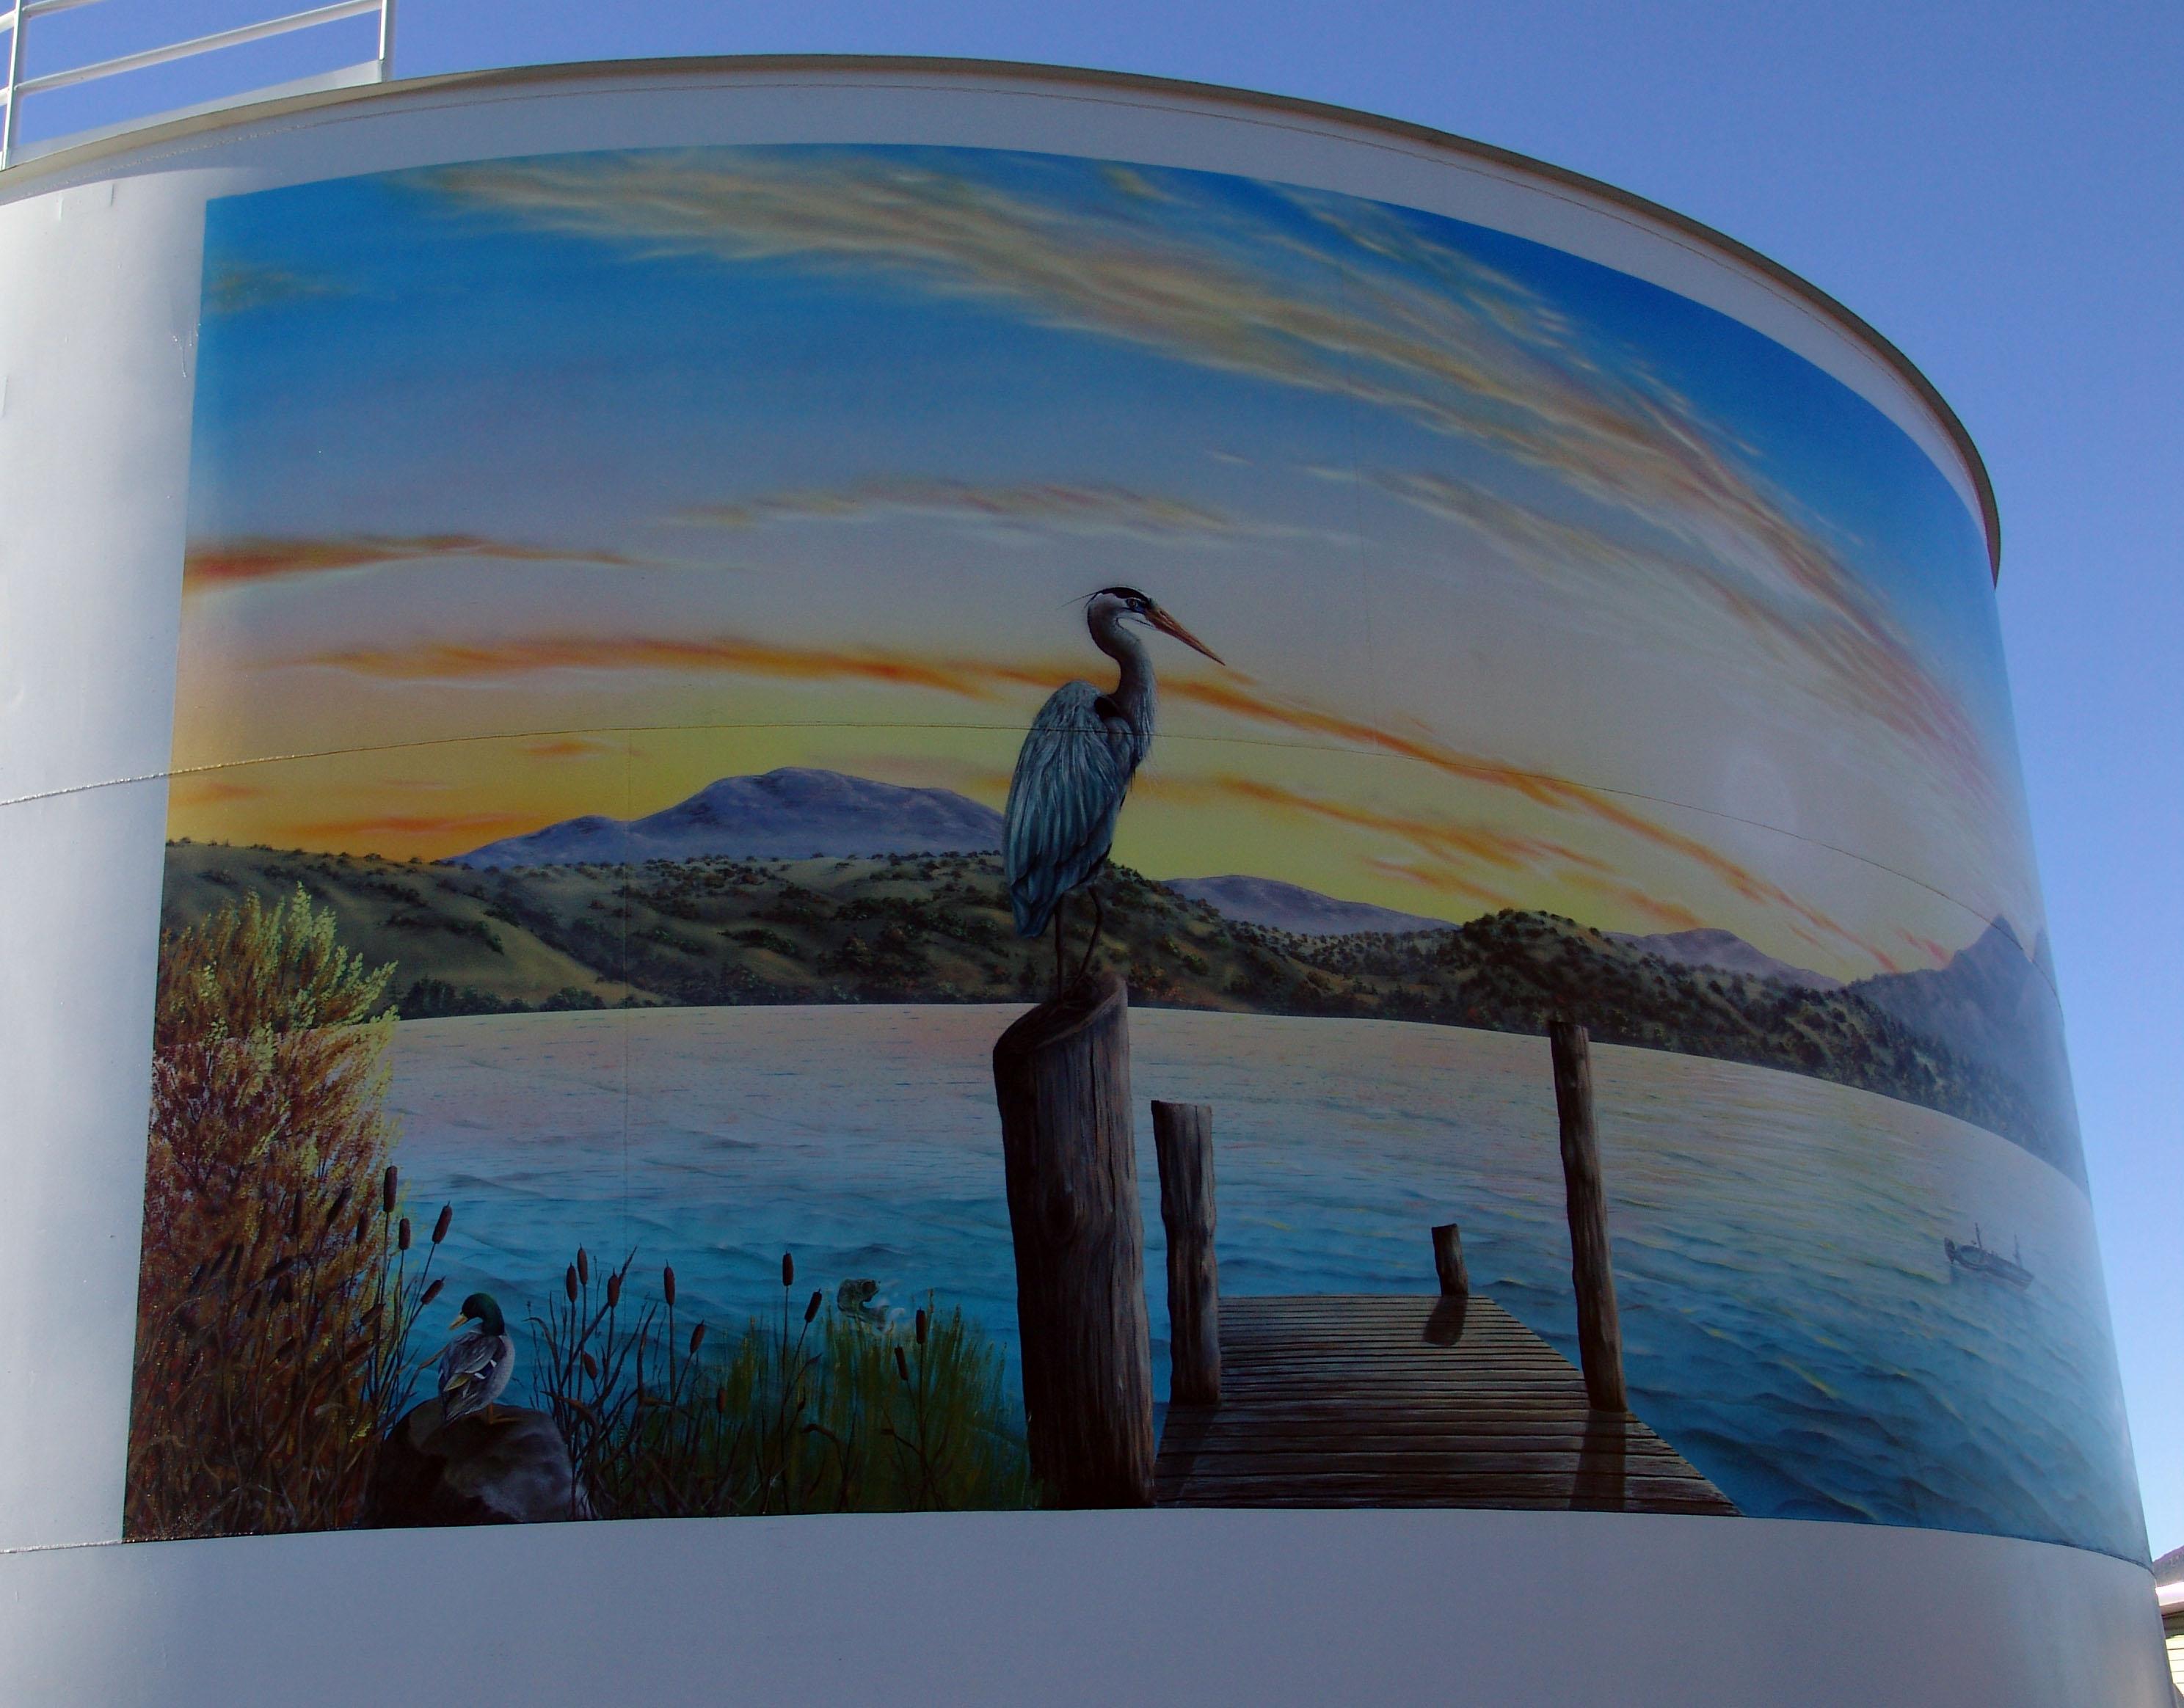 water tank, clearlake oaks.jpg